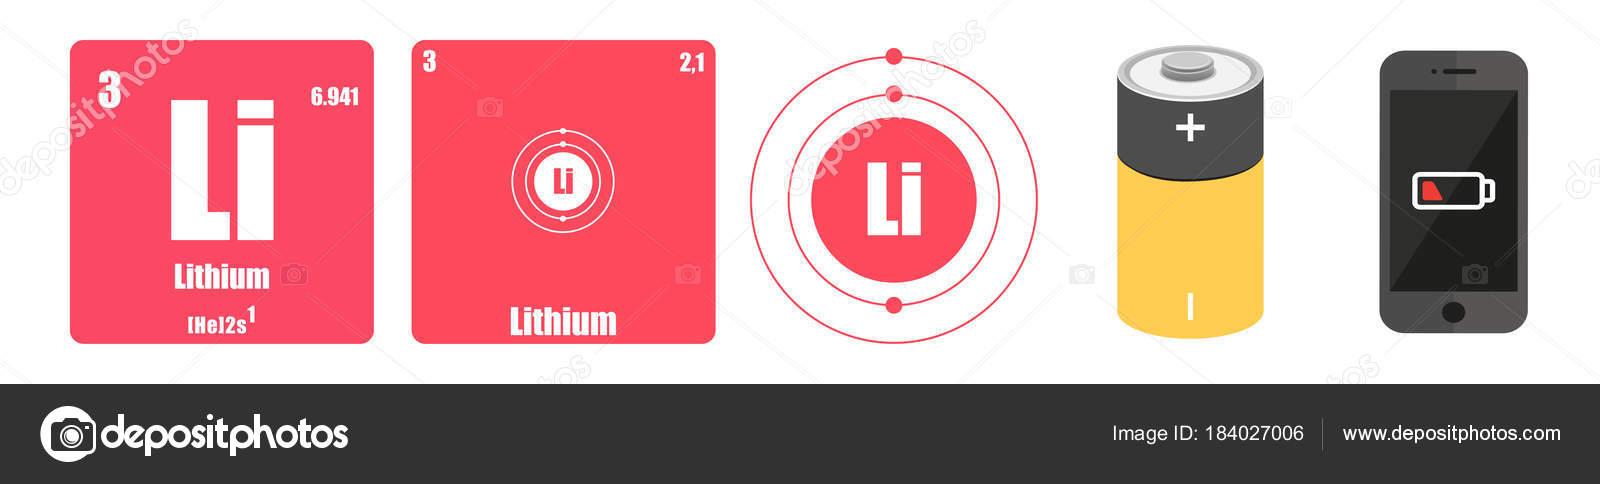 Tabla periodica de los elementos del grupo i los metales alcalinos tabla periodica de los elementos del grupo i los metales alcalinos litio li archivo imgenes urtaz Gallery